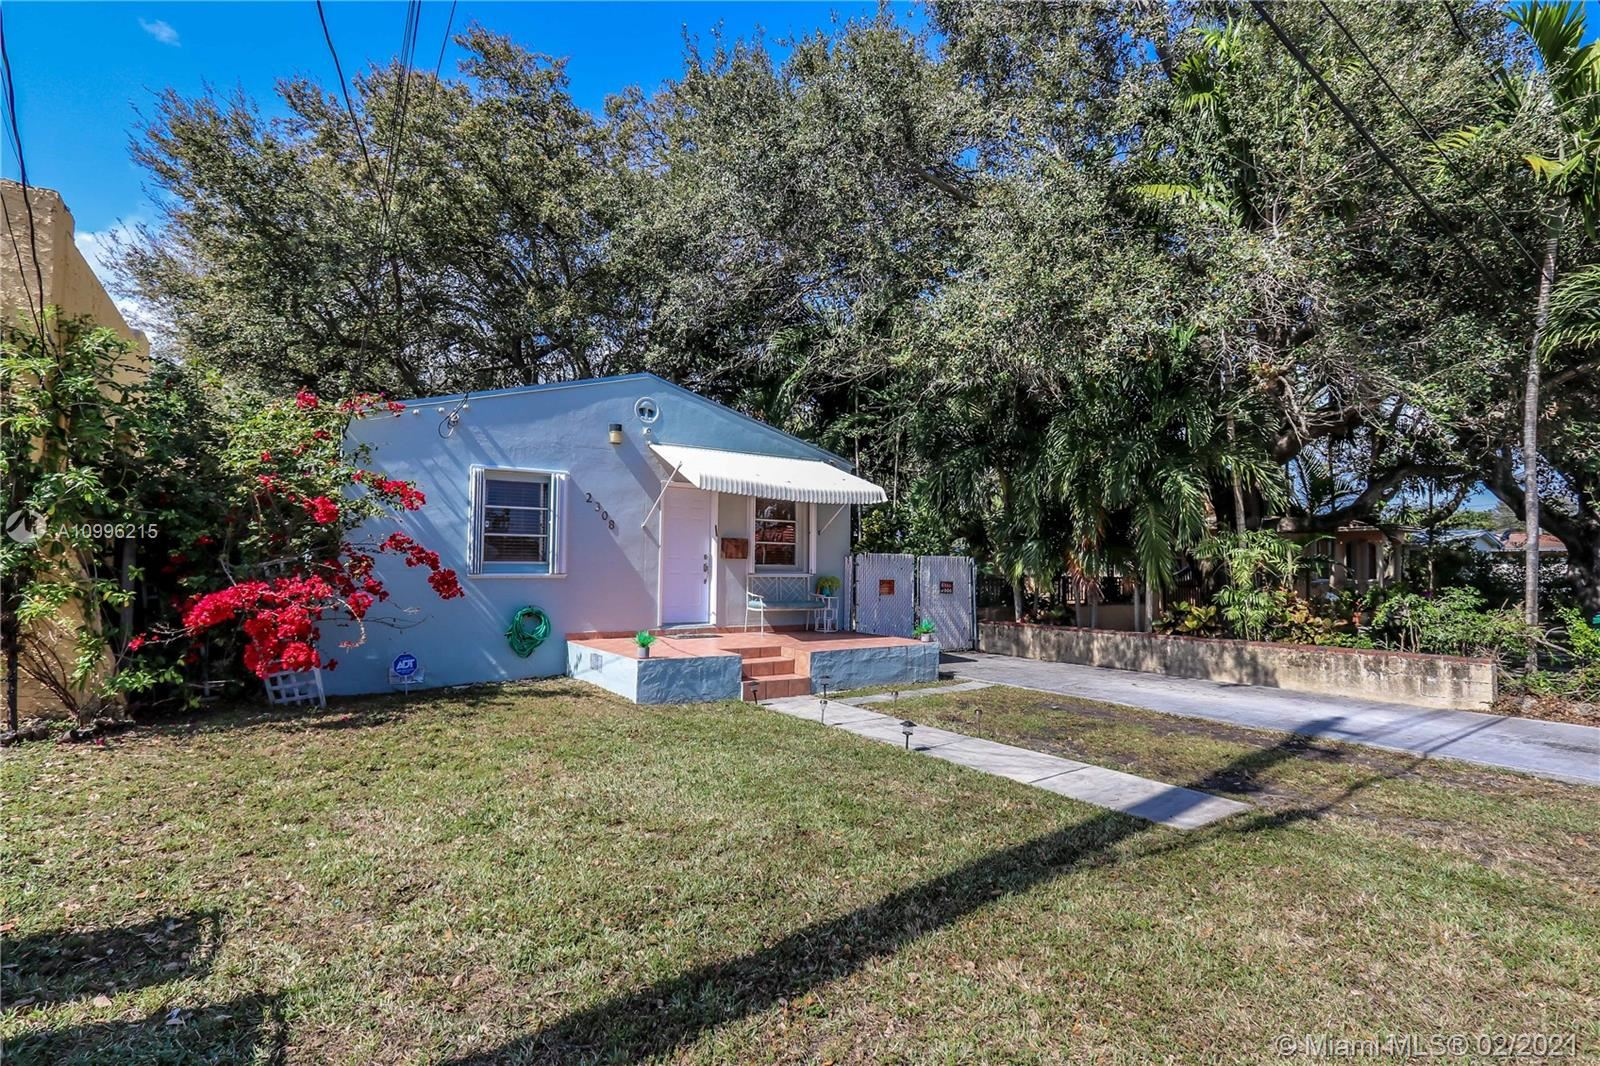 2308 SW 60th Ct, Miami, FL 33155 - #: A10996215